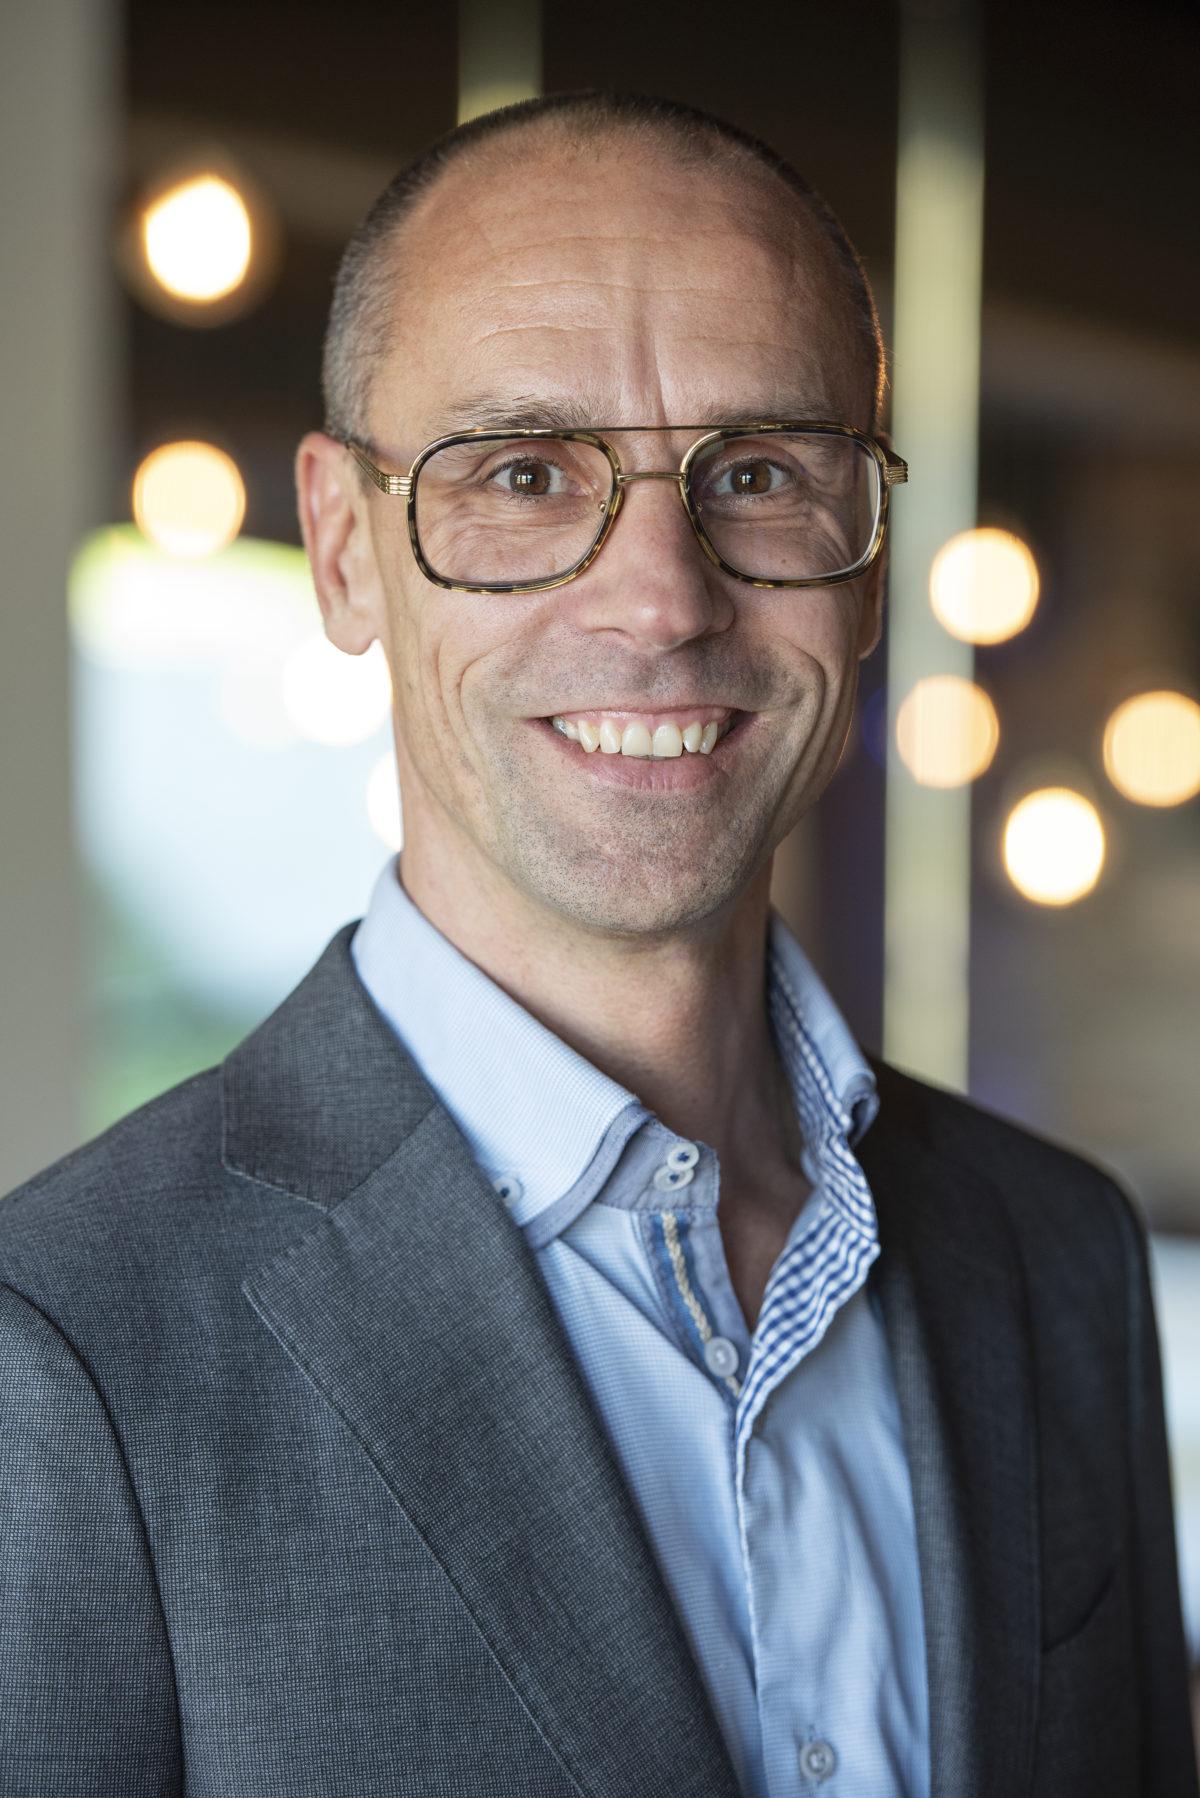 Axis_Edwin Roobol_Director Marketing EMEA